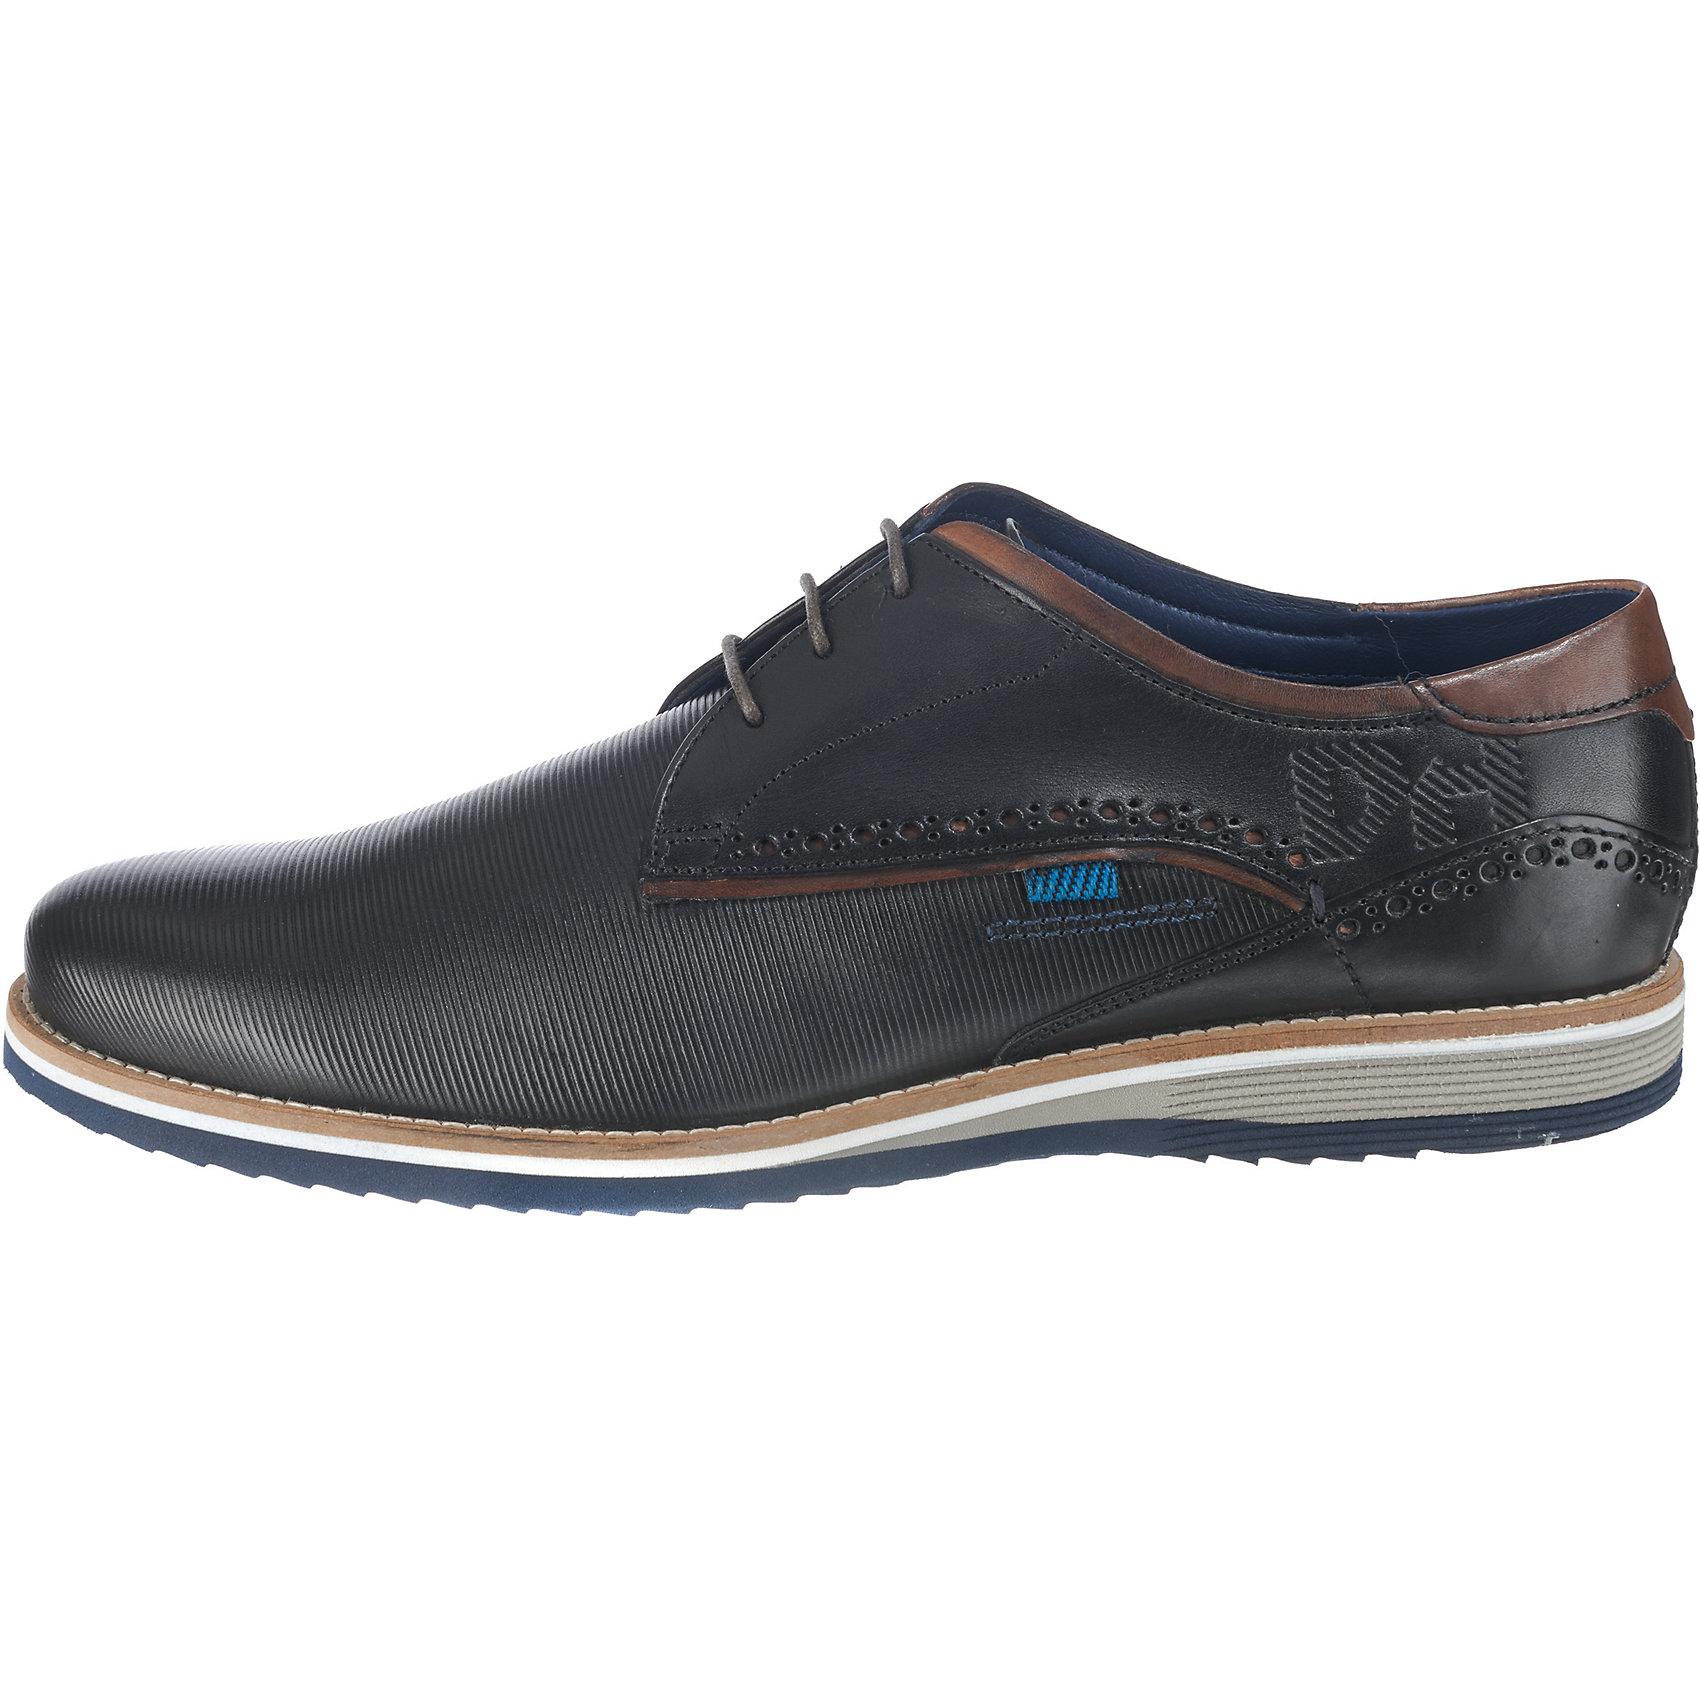 premium selection c879f 760e7 Men s Size Asics GT-1000 (T2L1N) Running Shoes. Shoes. Shoes.